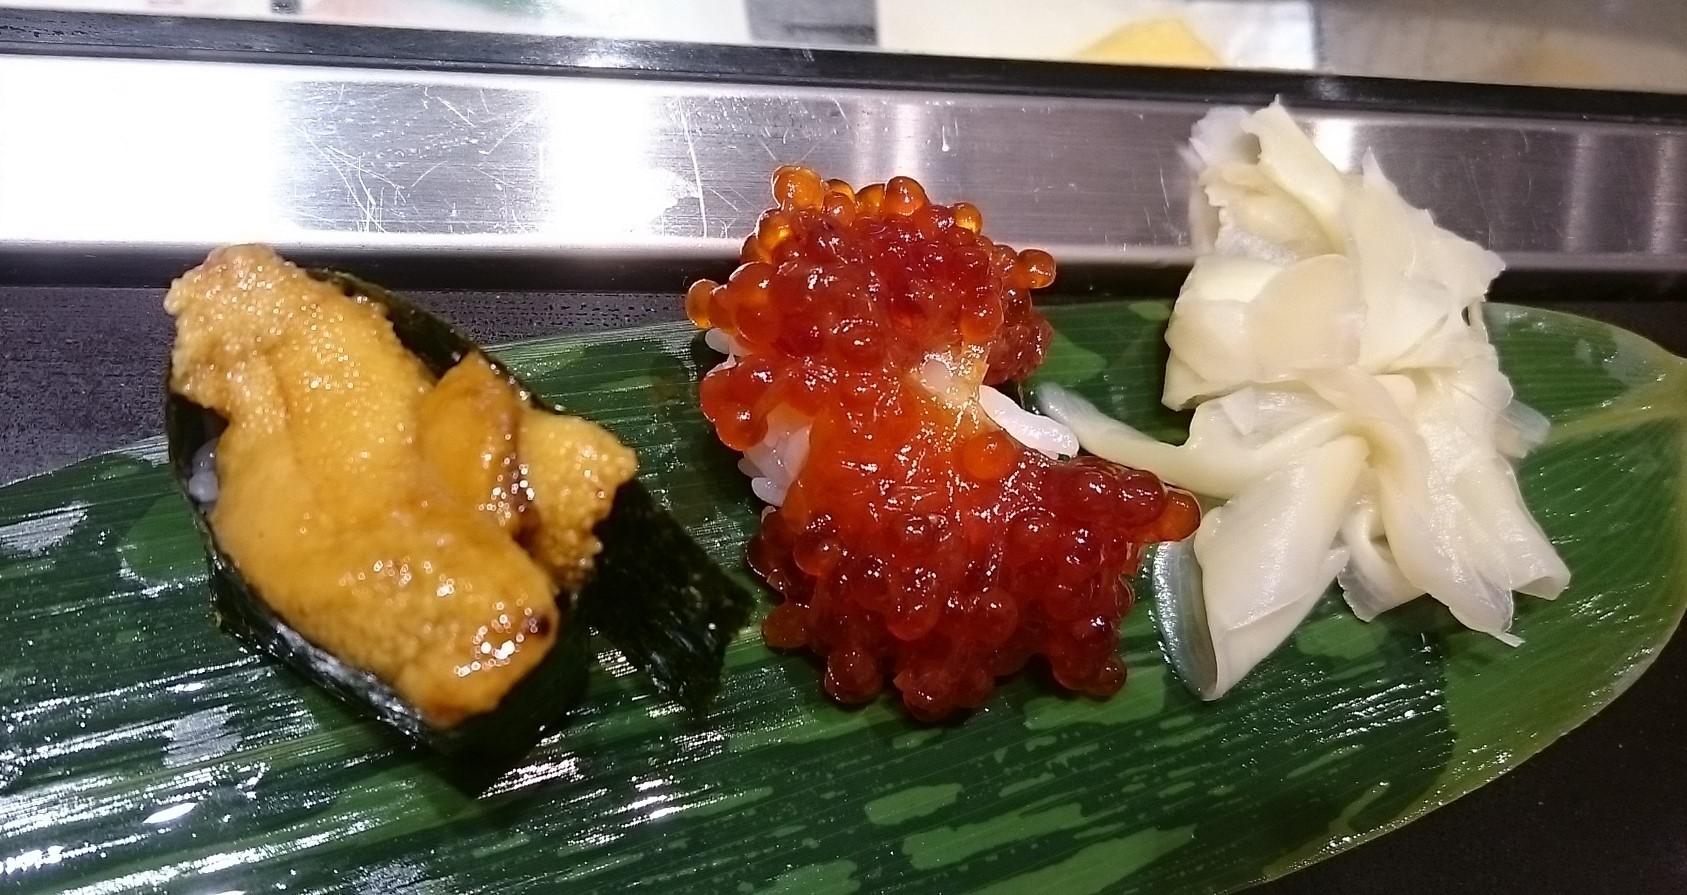 銀座で立ち食い鮨♪ 根室花まる_c0100865_10135285.jpg